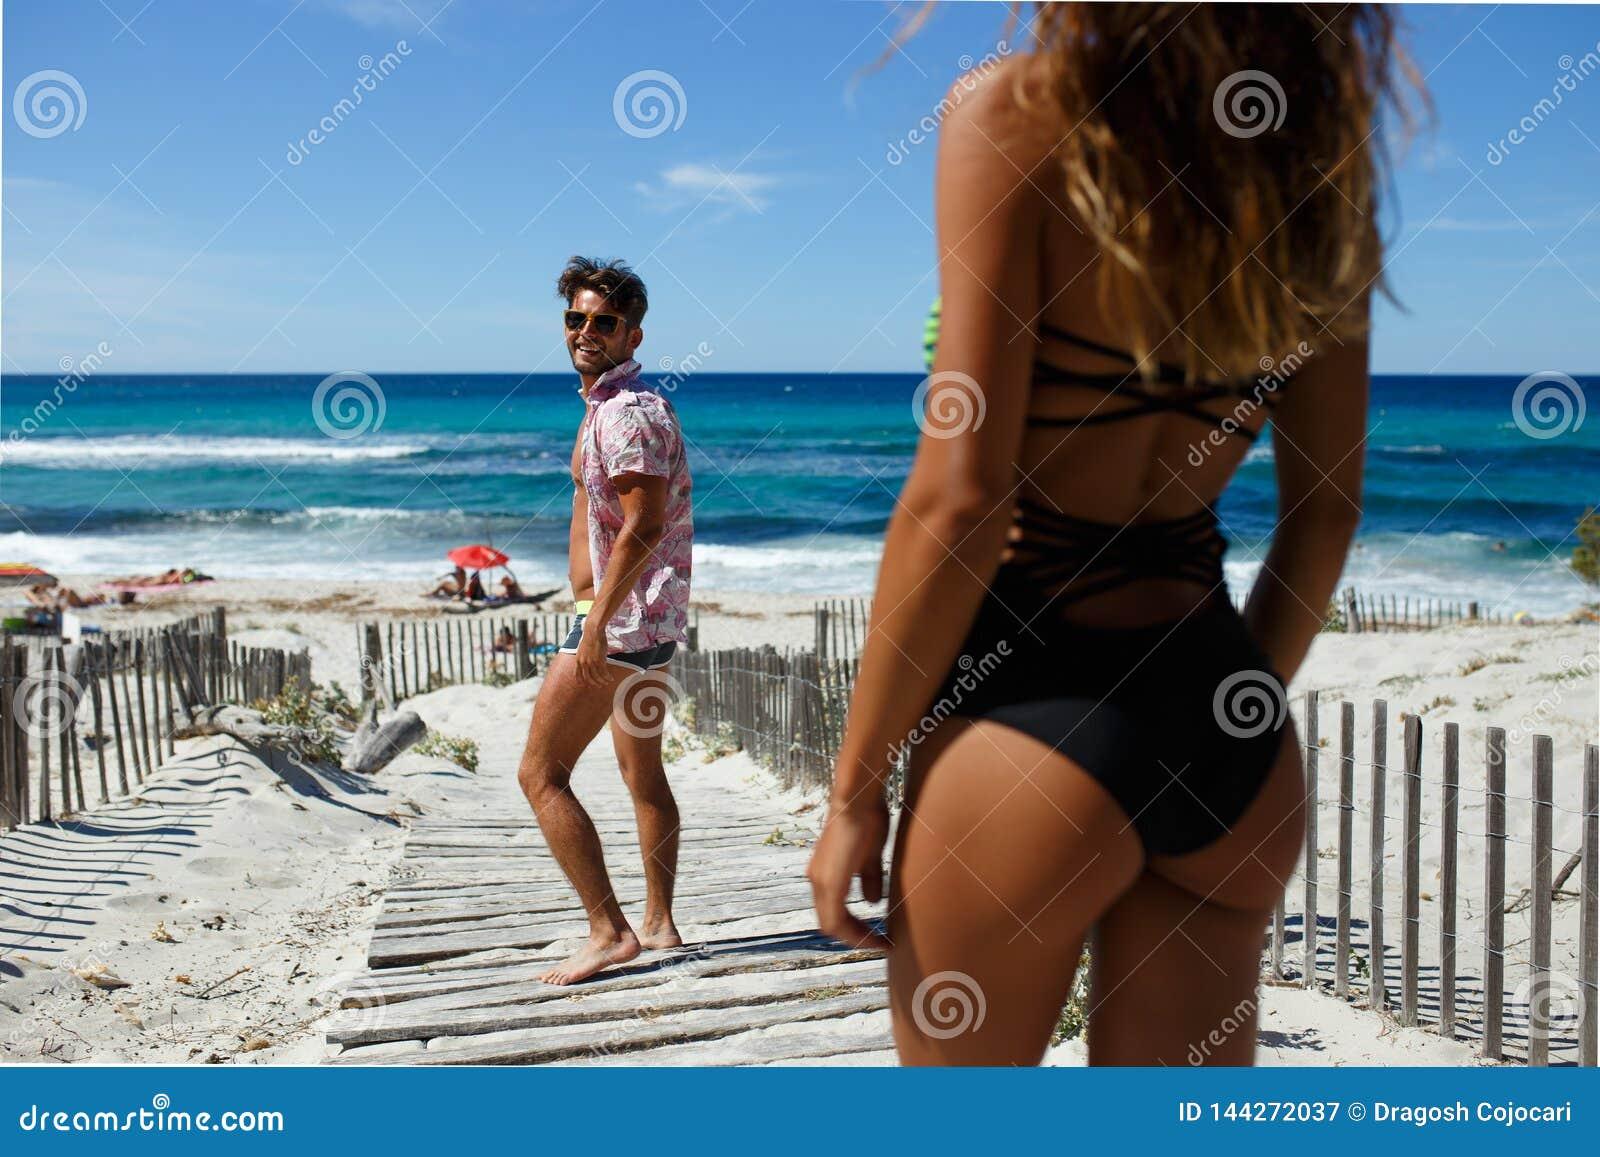 La vista posterior de un hombre joven atractivo sonriente se da vuelta de nuevo a hace conocido con la mujer joven atractiva en l